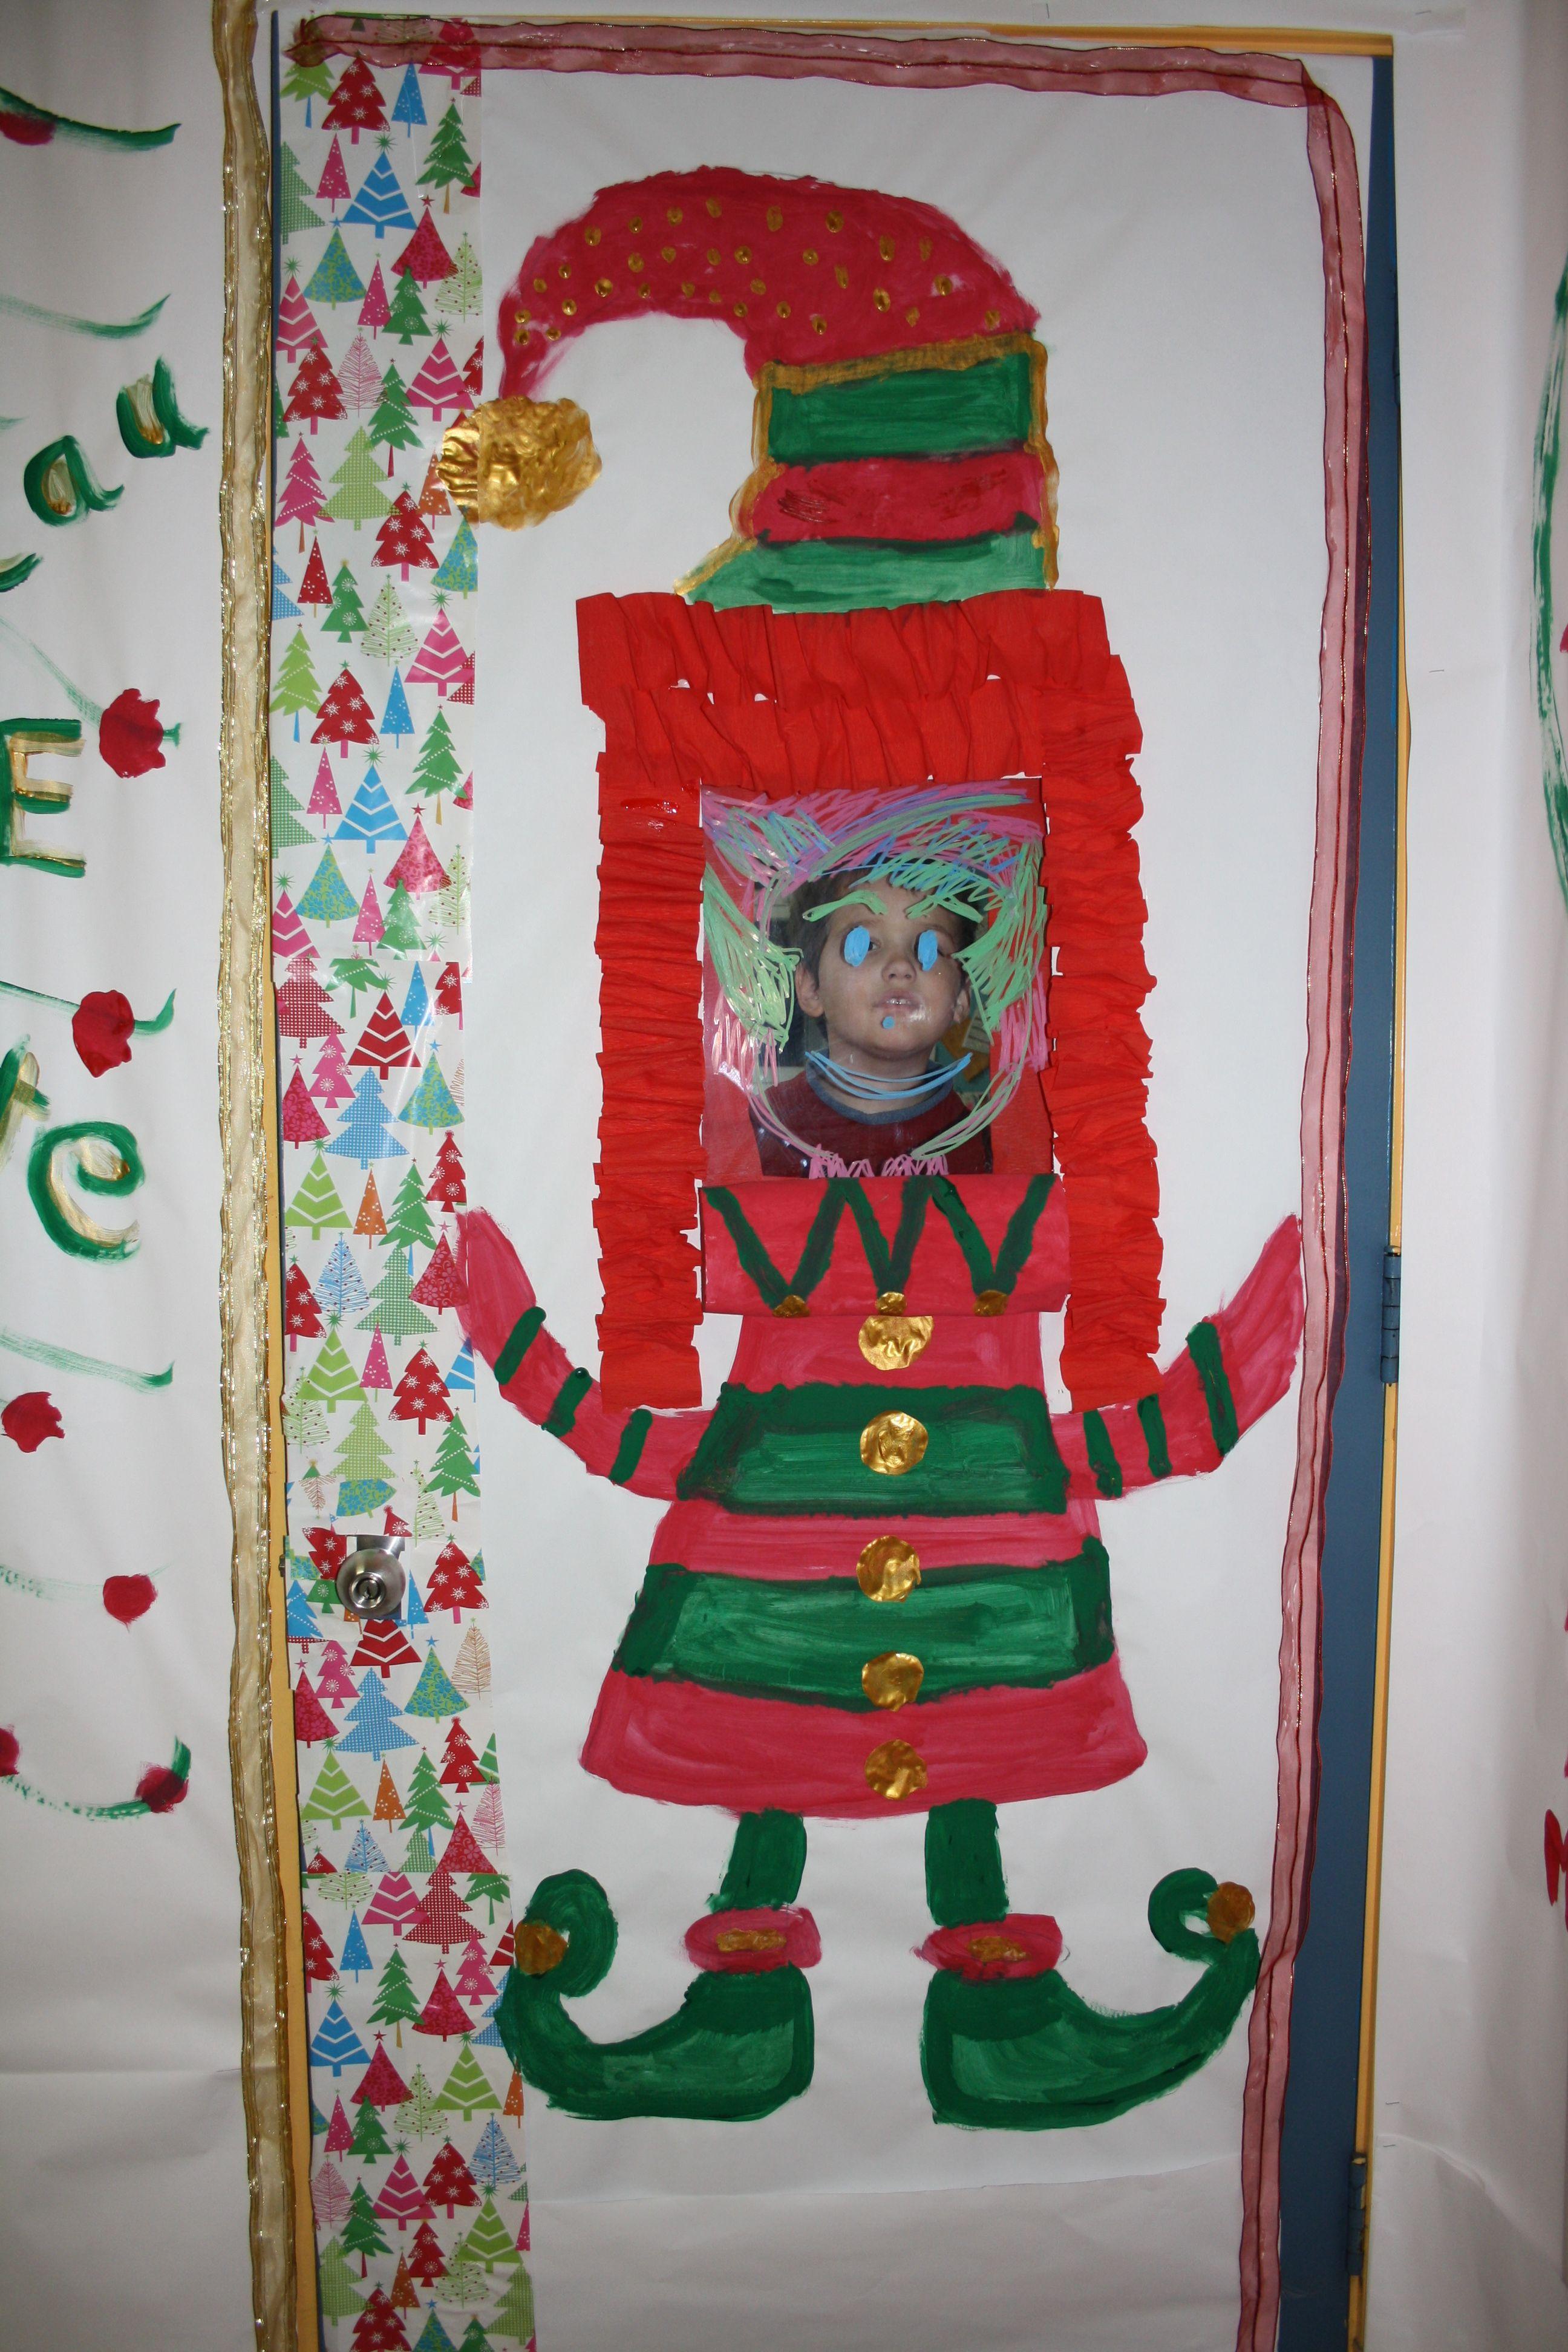 #AB2024 Porte Noël Ma Classe Déco Idées Créations Pinterest 5713 idée décoration noel classe 2592x3888 px @ aertt.com